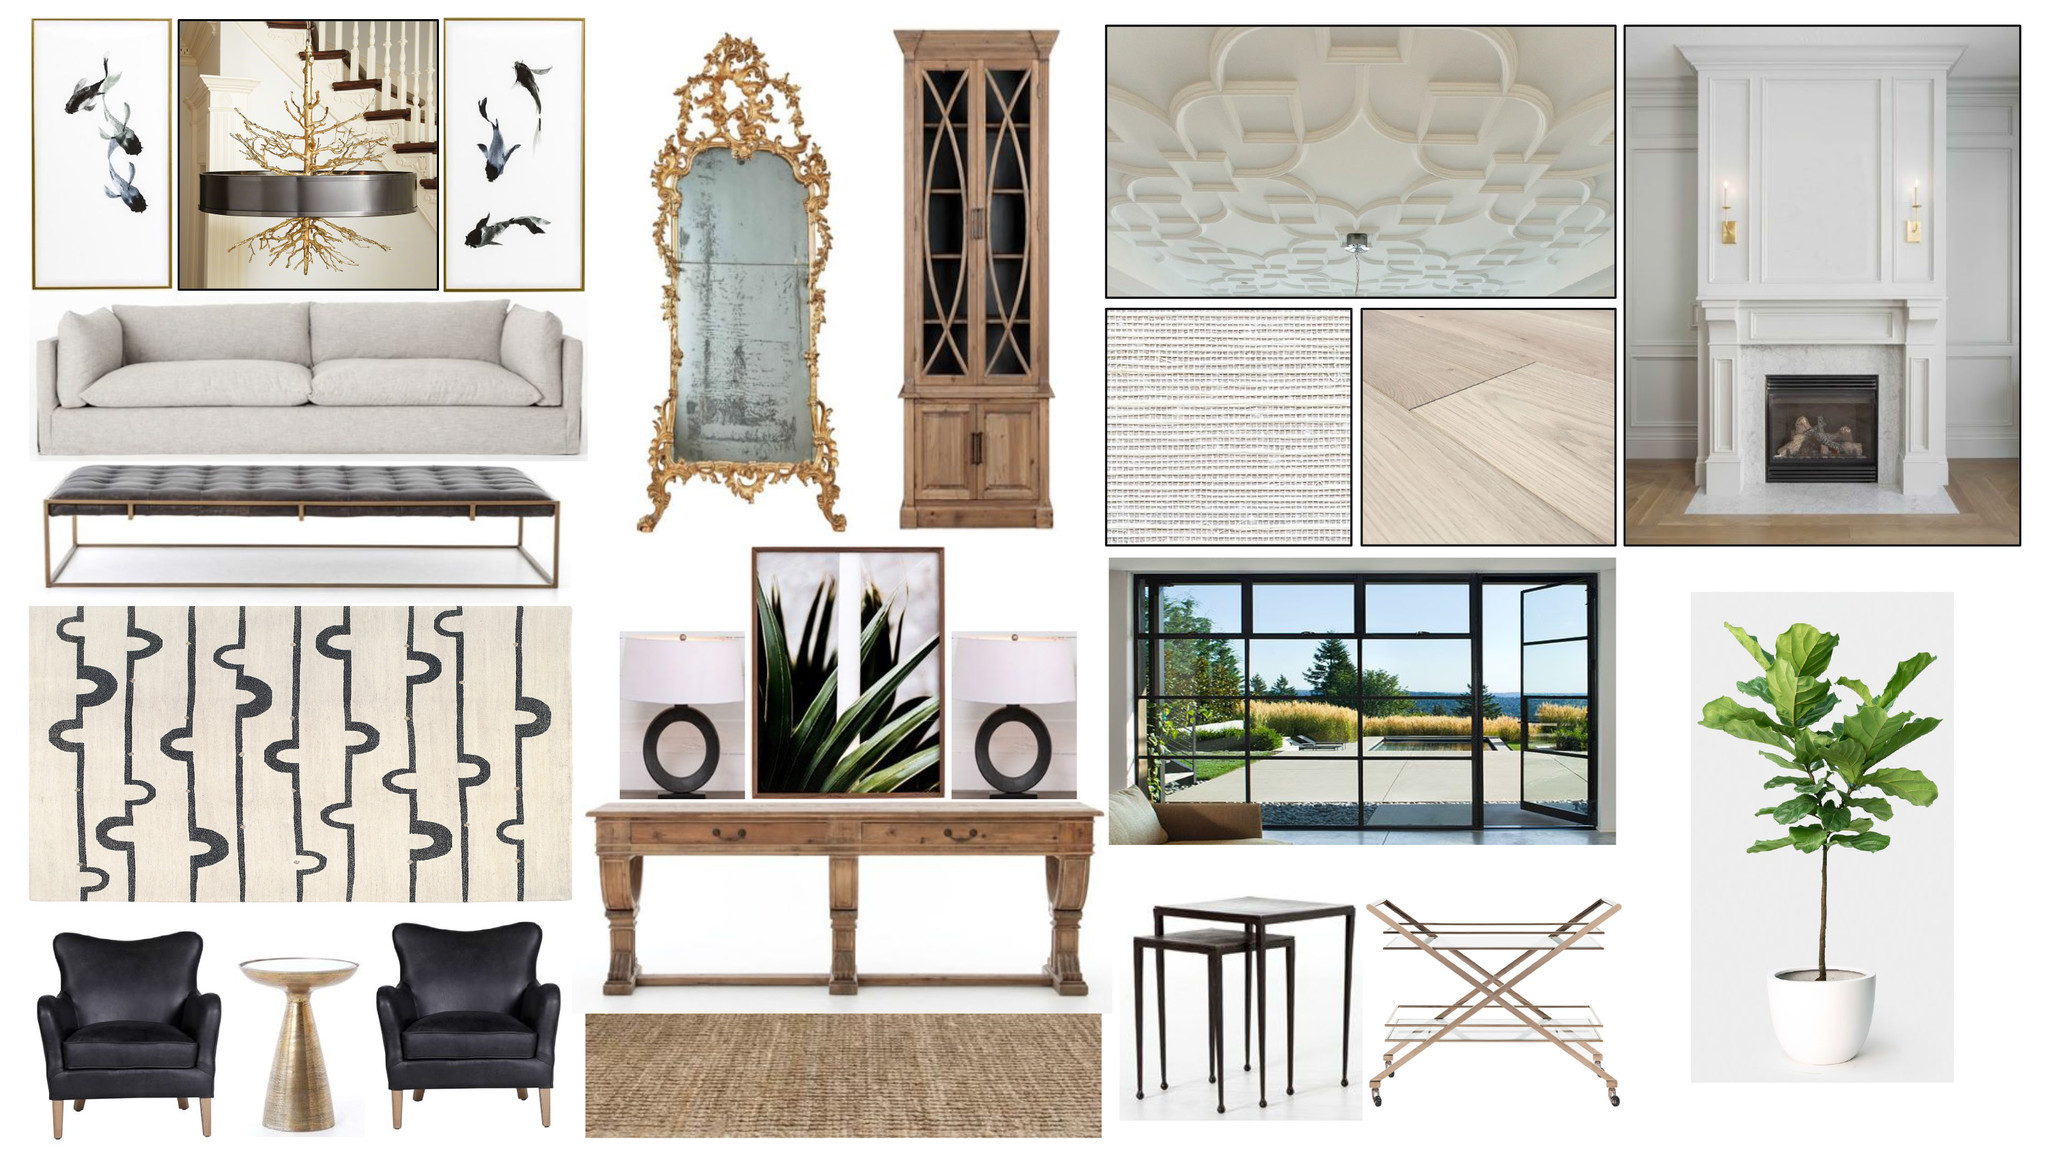 Living room by Jason Lai, principal at L2 Interiors.